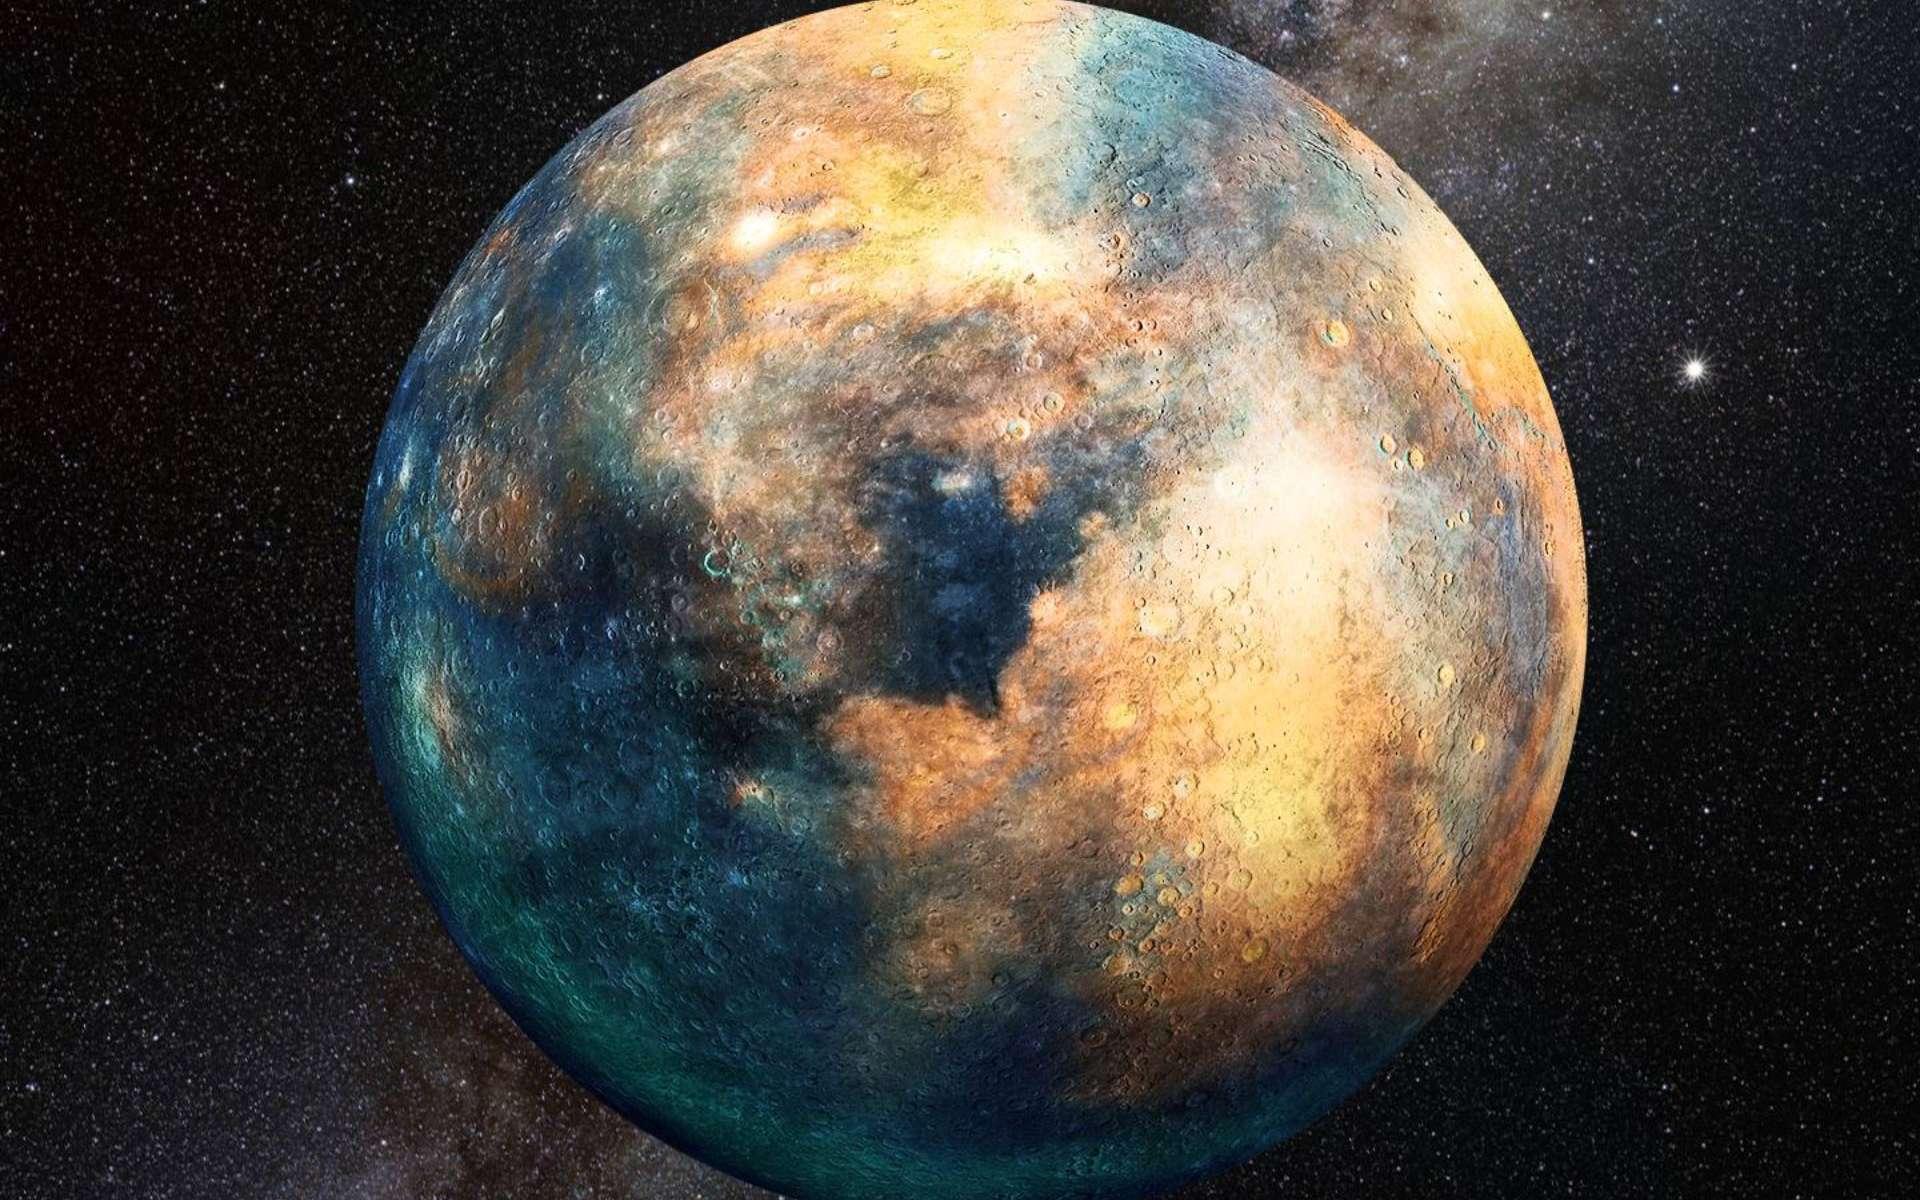 Portrait de l'hypothétique Planète 10 qui se cacherait aux confins du Système solaire. © Heather Roper, Lunar and Planetary Laboratory, University of Arizona